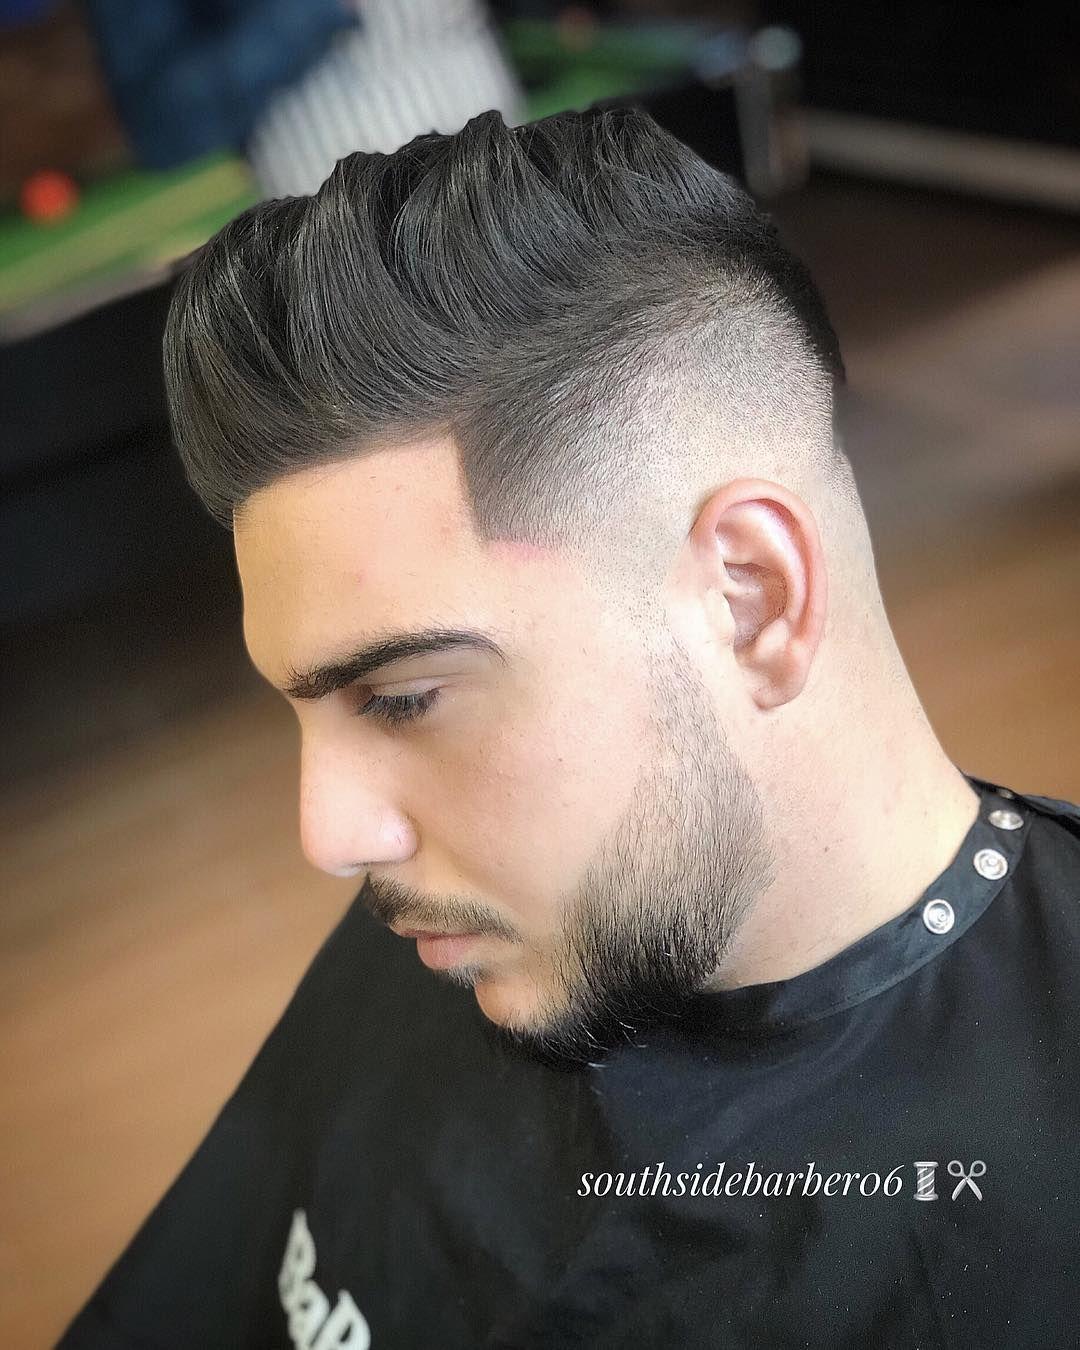 Haircut for men clean  simple regular clean cut haircuts for men  haircuts